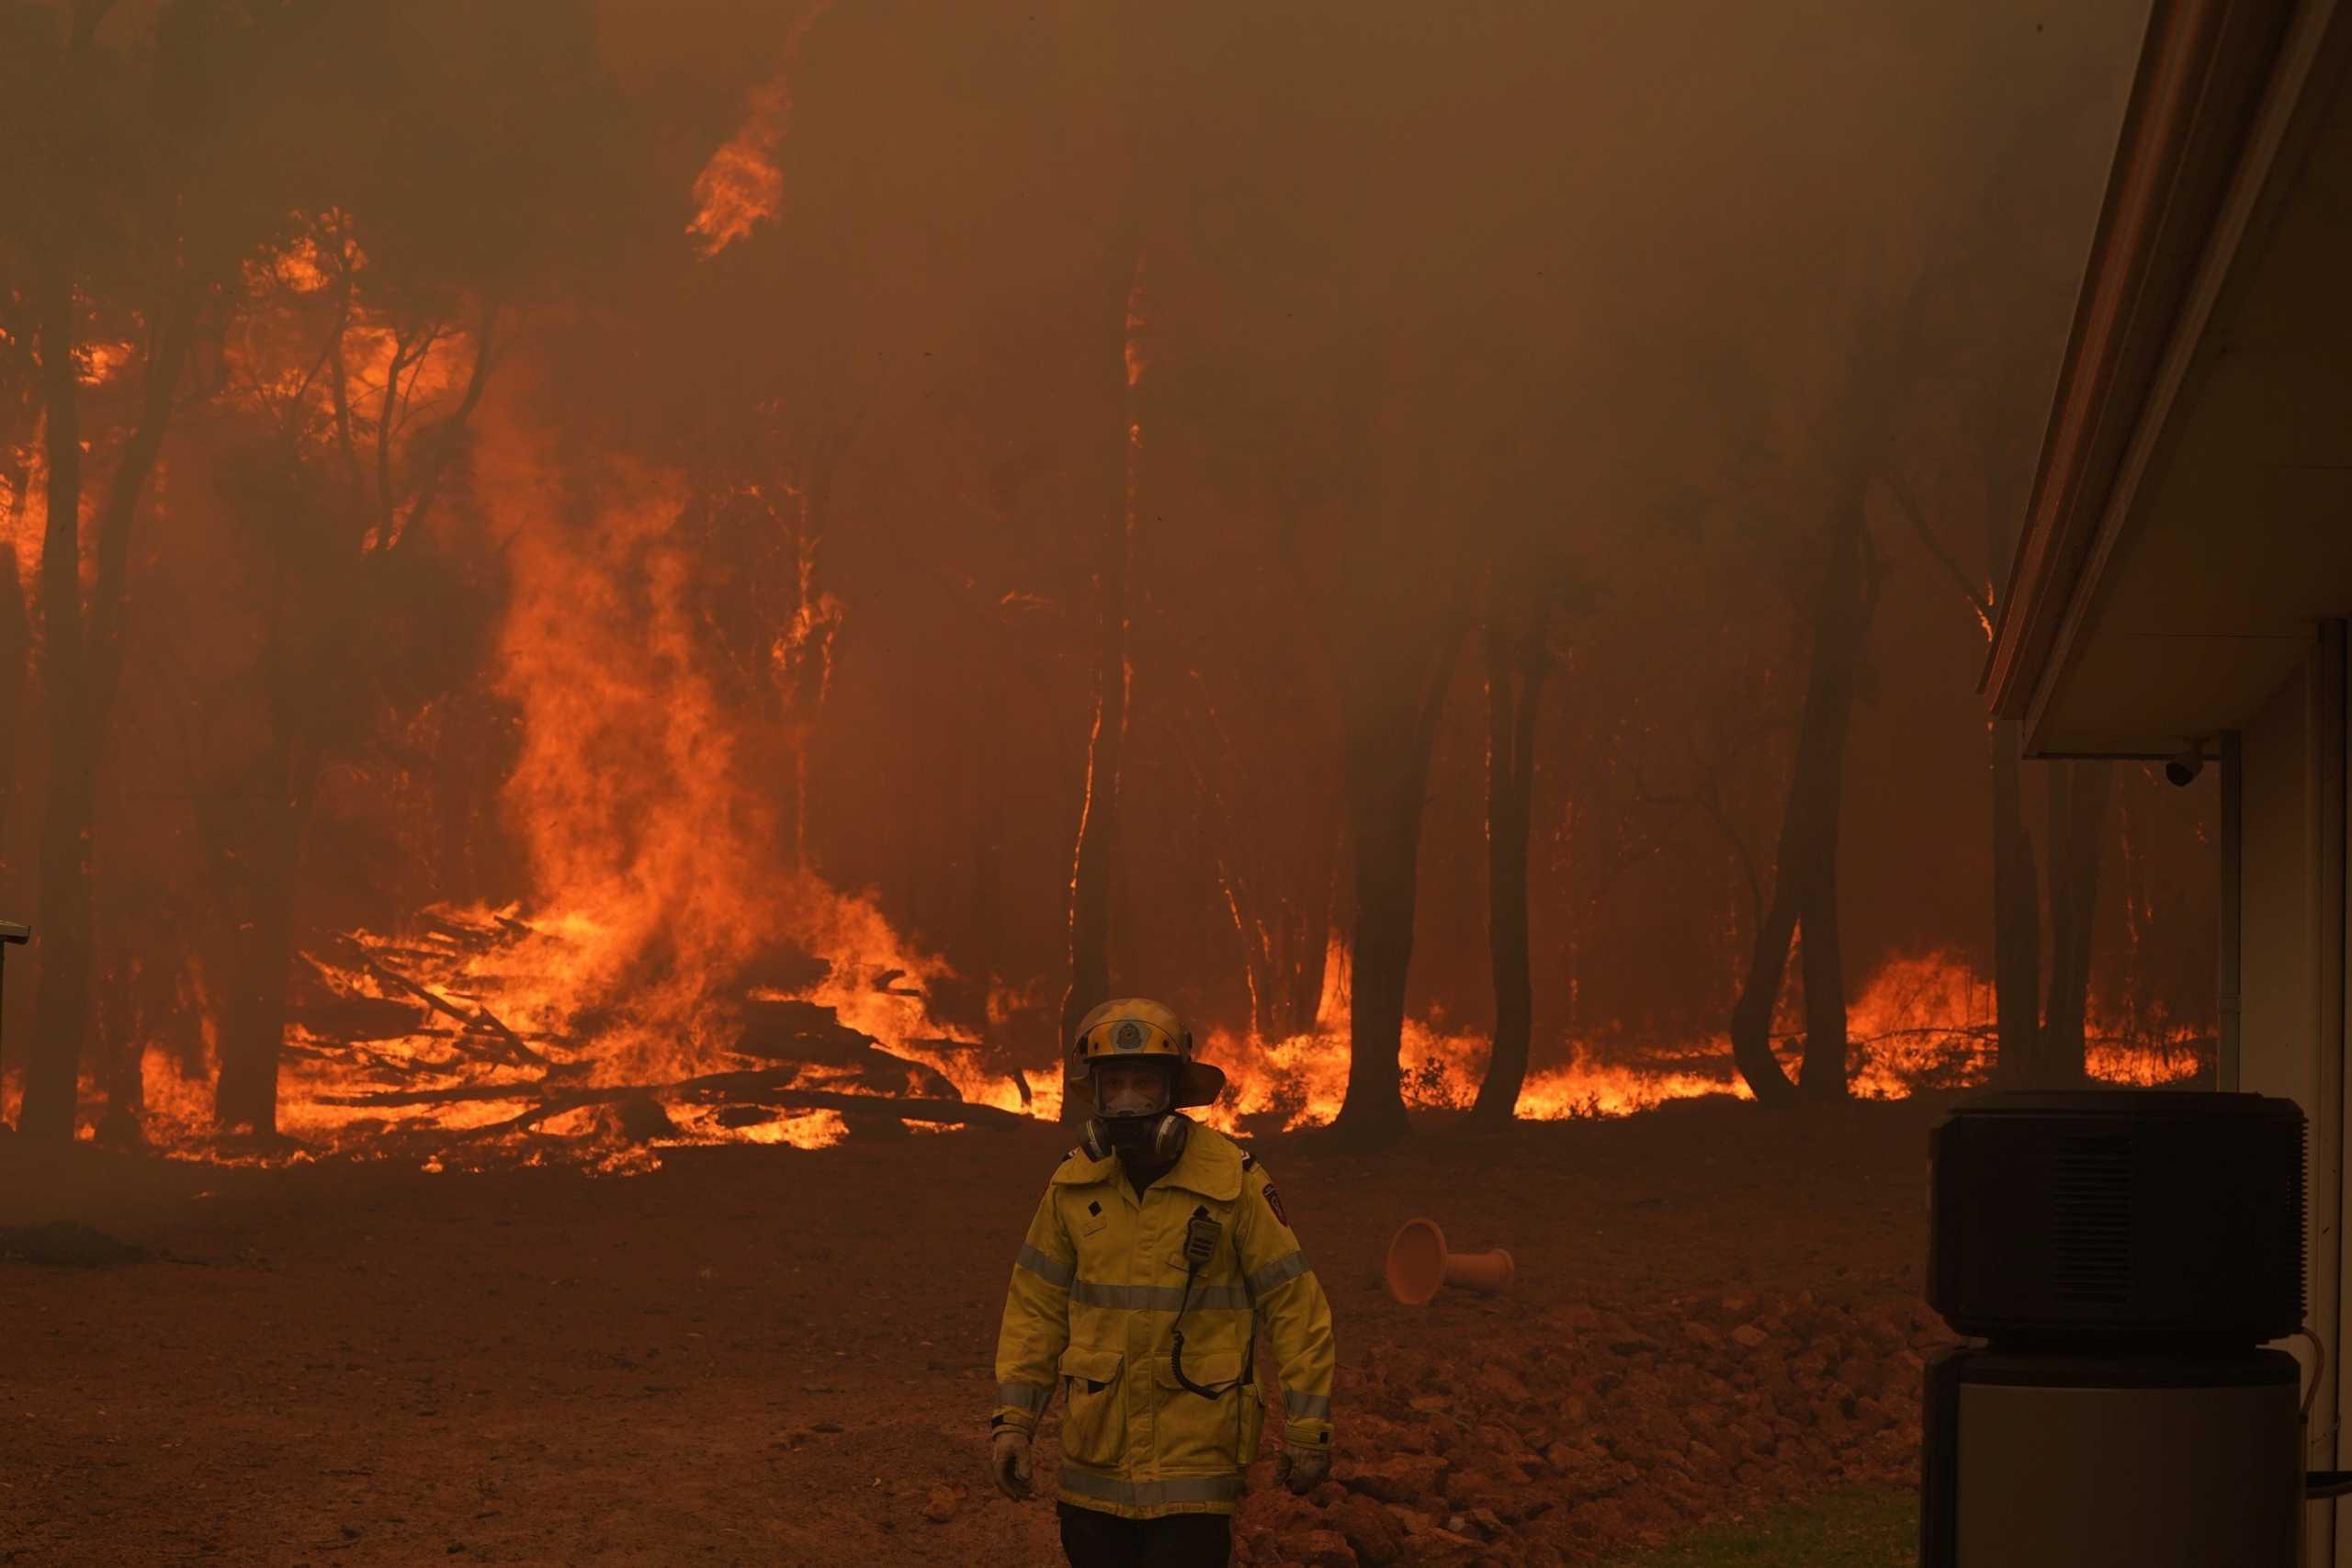 Αυστραλία: Φωτιές κατακαίνε μεγάλες περιοχές στο Περθ – Στάχτη δεκάδες σπίτια (pics)